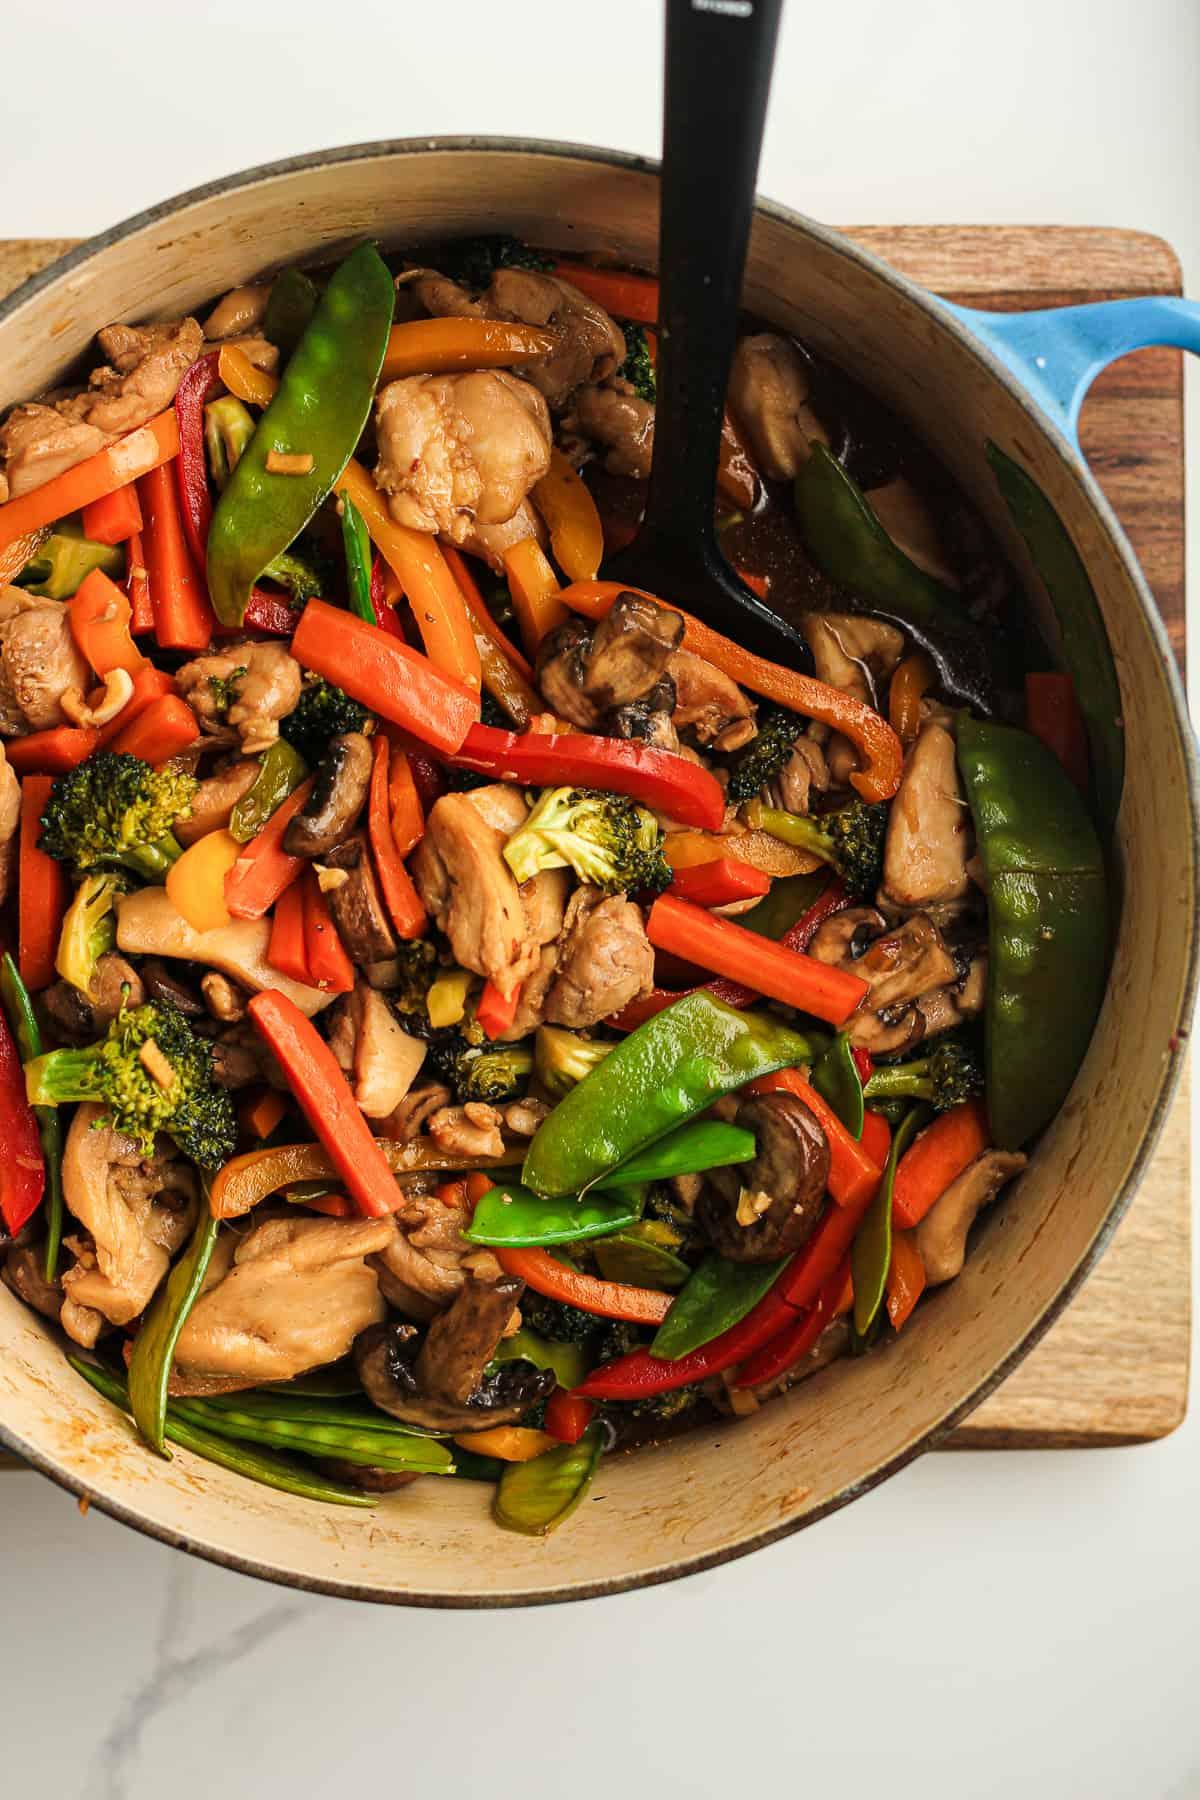 Closeup of a stock pot of chicken veggie stir fry.